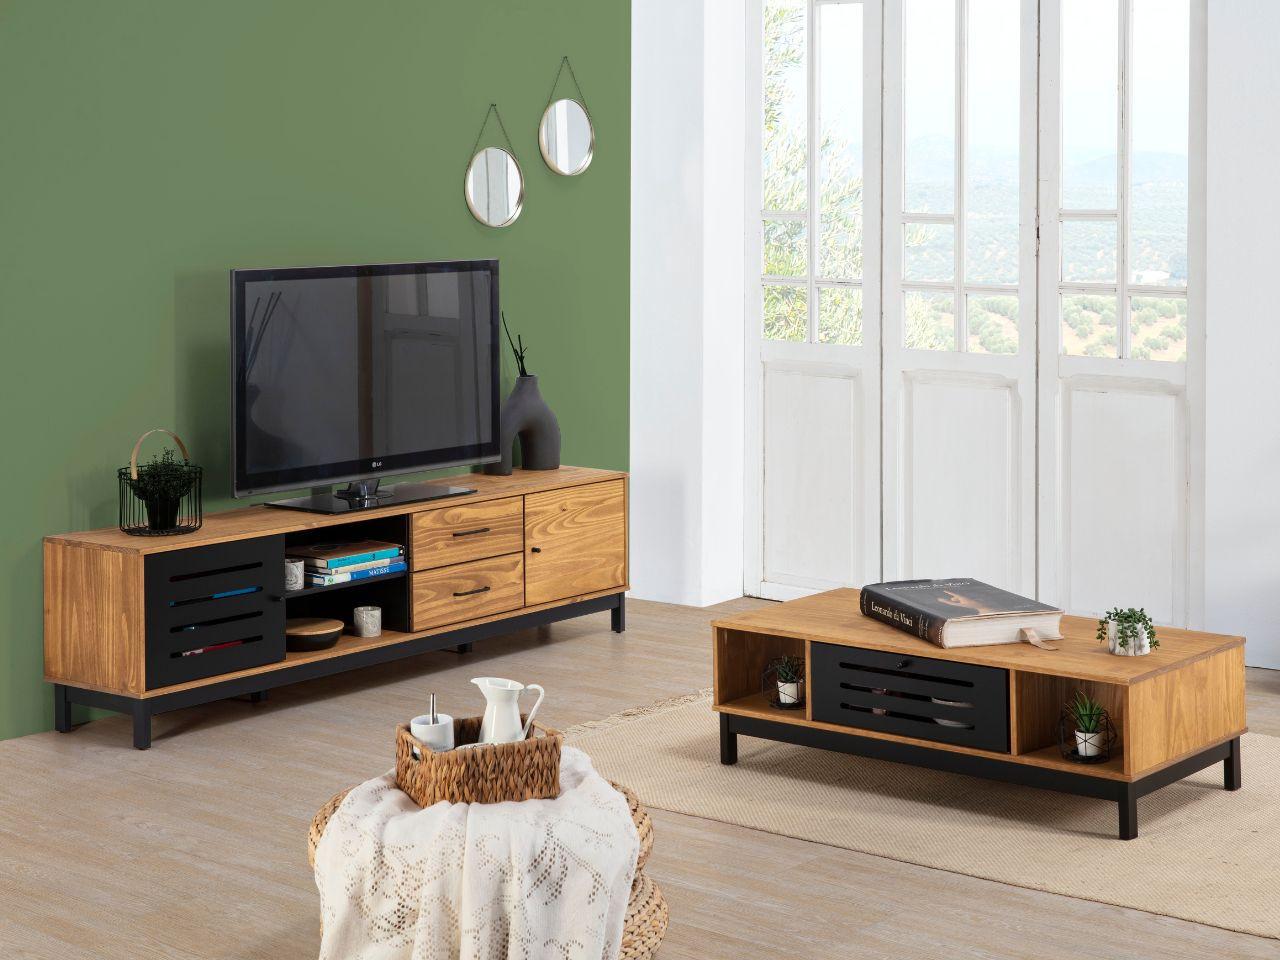 cama juvenil blanco y madera